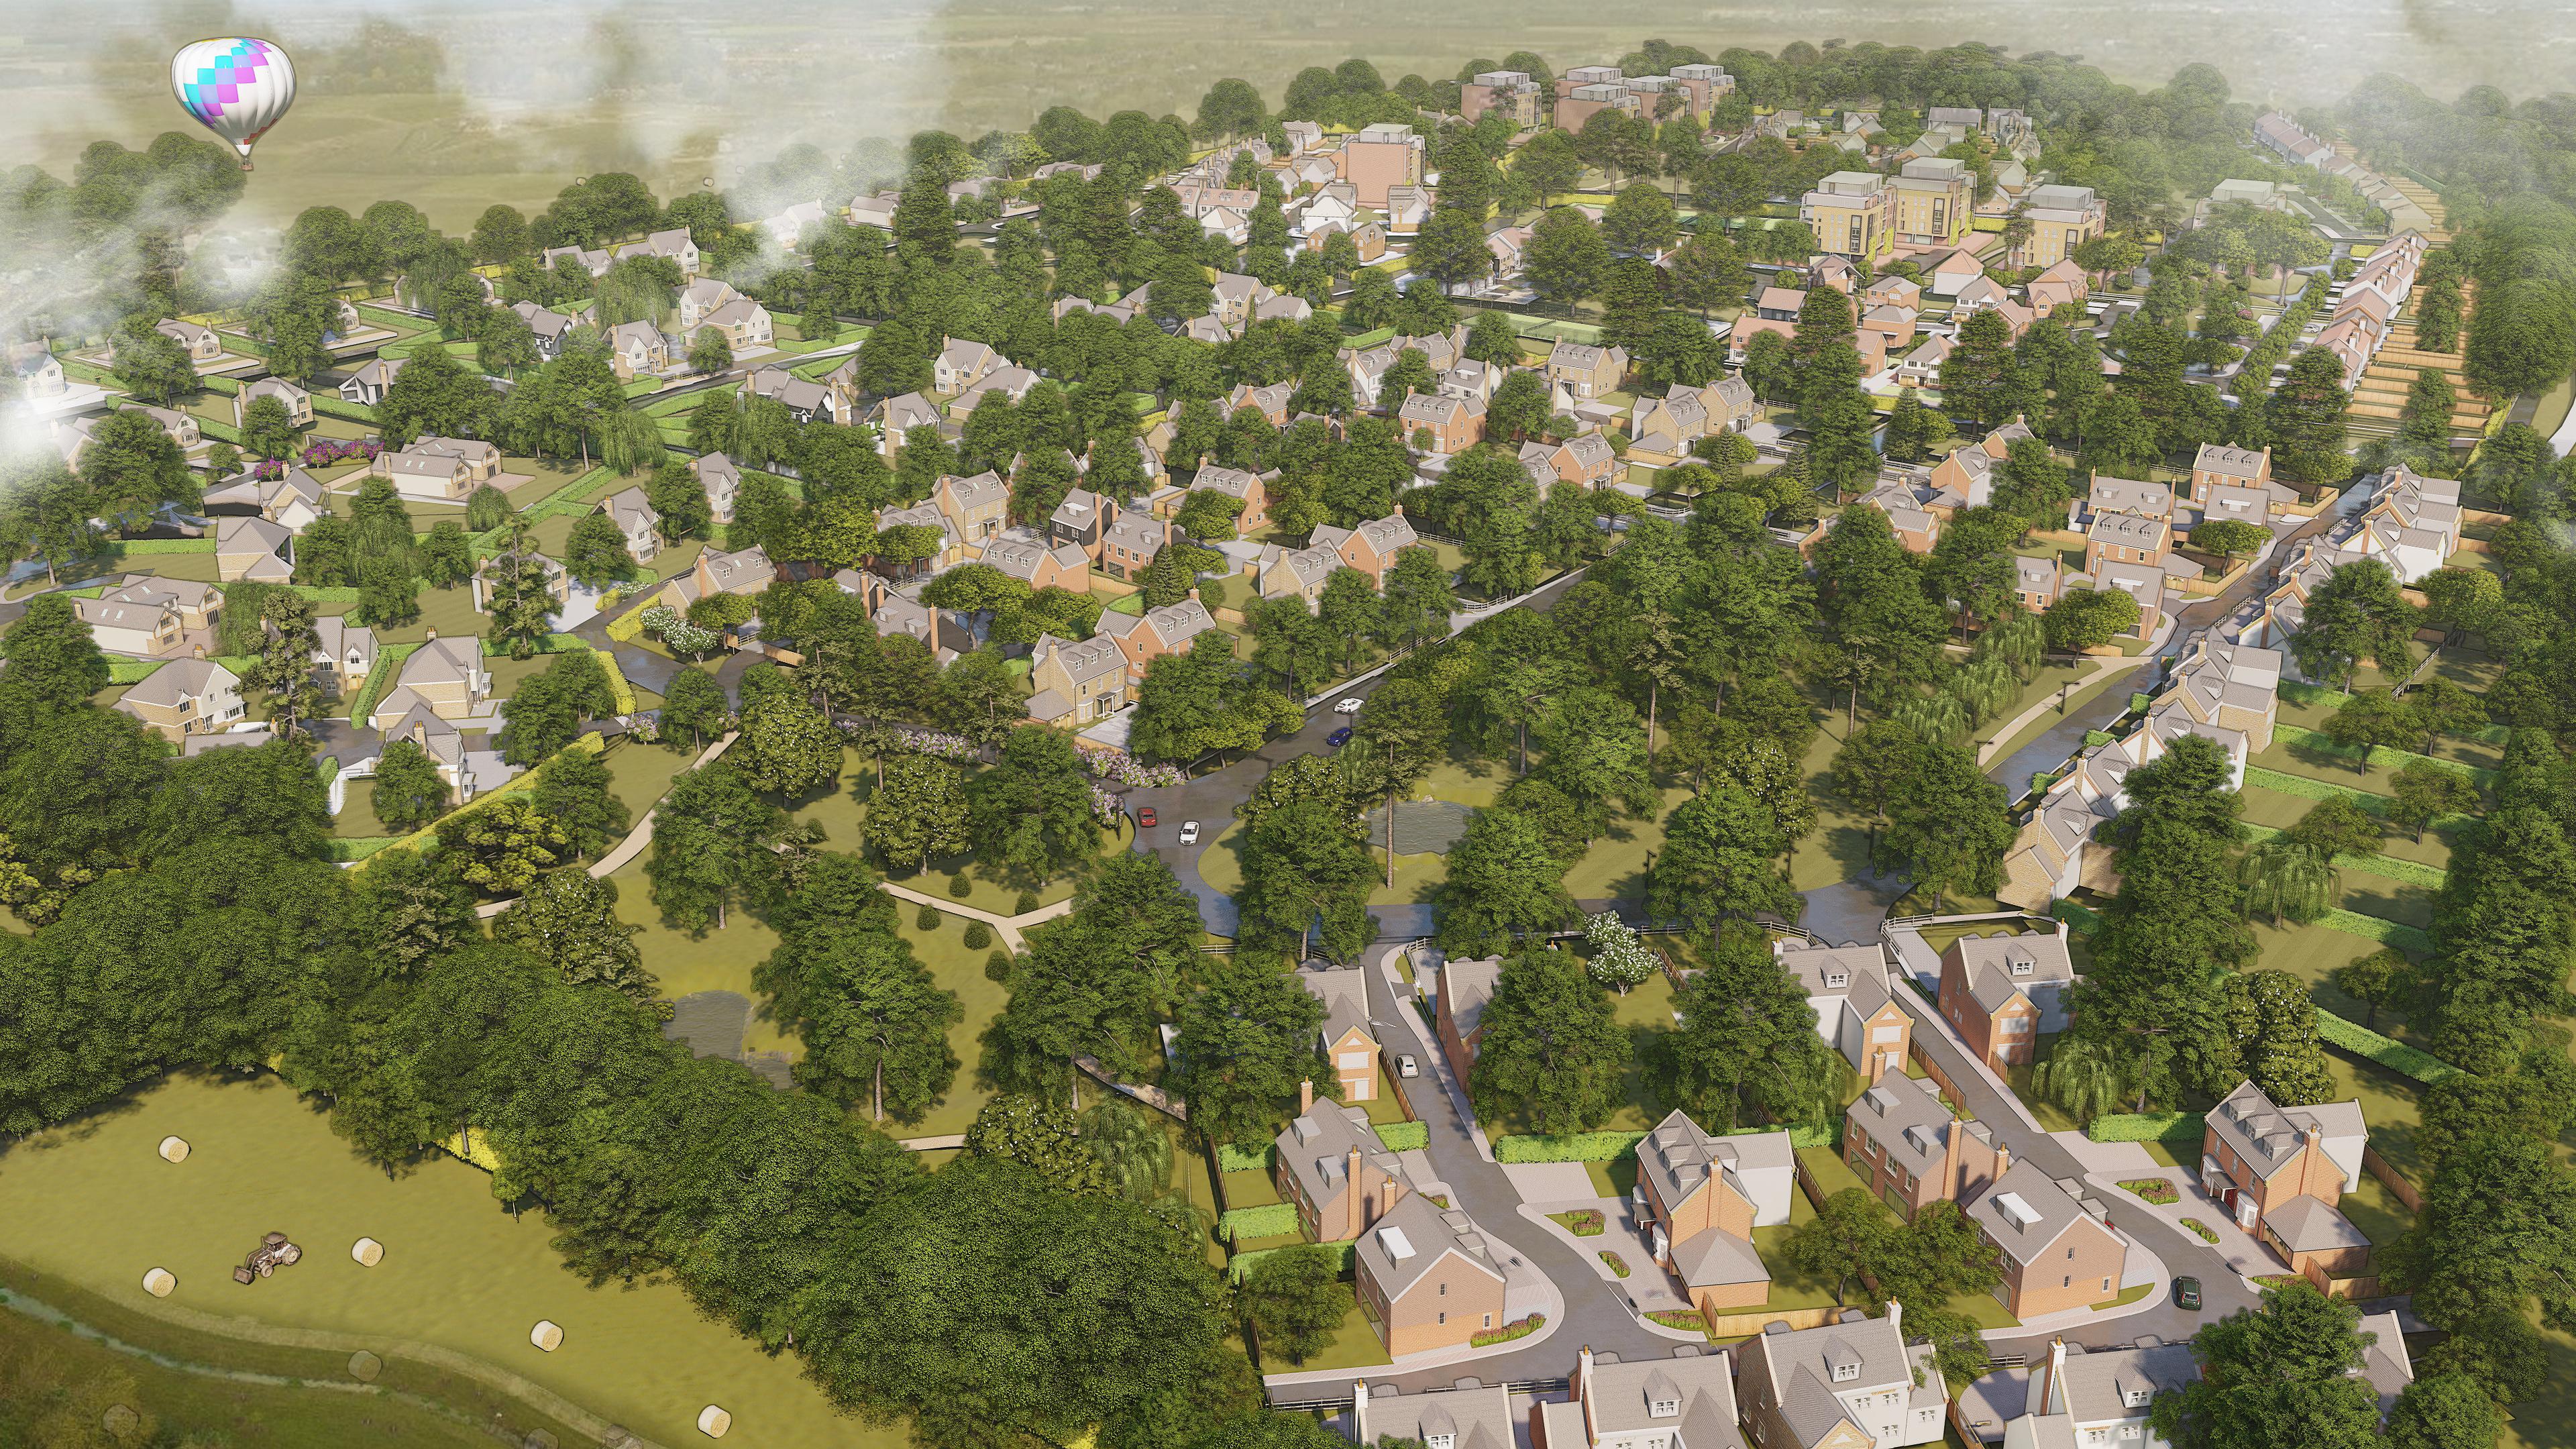 Conceptual Artistic Site Plan 2 - Land a